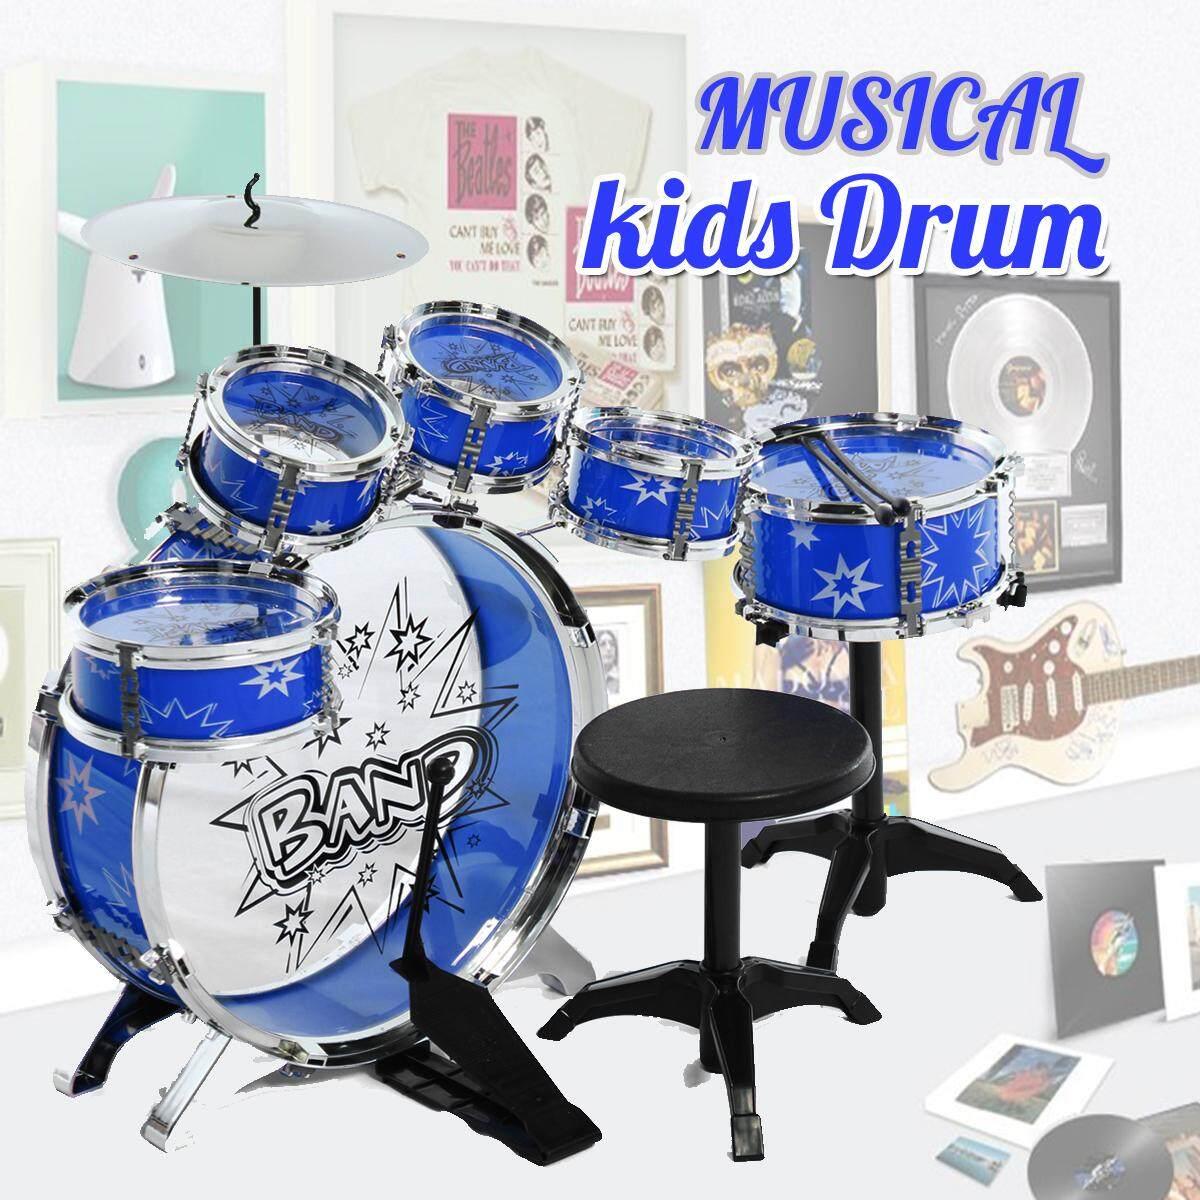 Trẻ Em Trẻ Em Bộ Trống Cơ Sở Bộ Trống Bộ Gõ Nhạc Cụ Với Dùi Trống